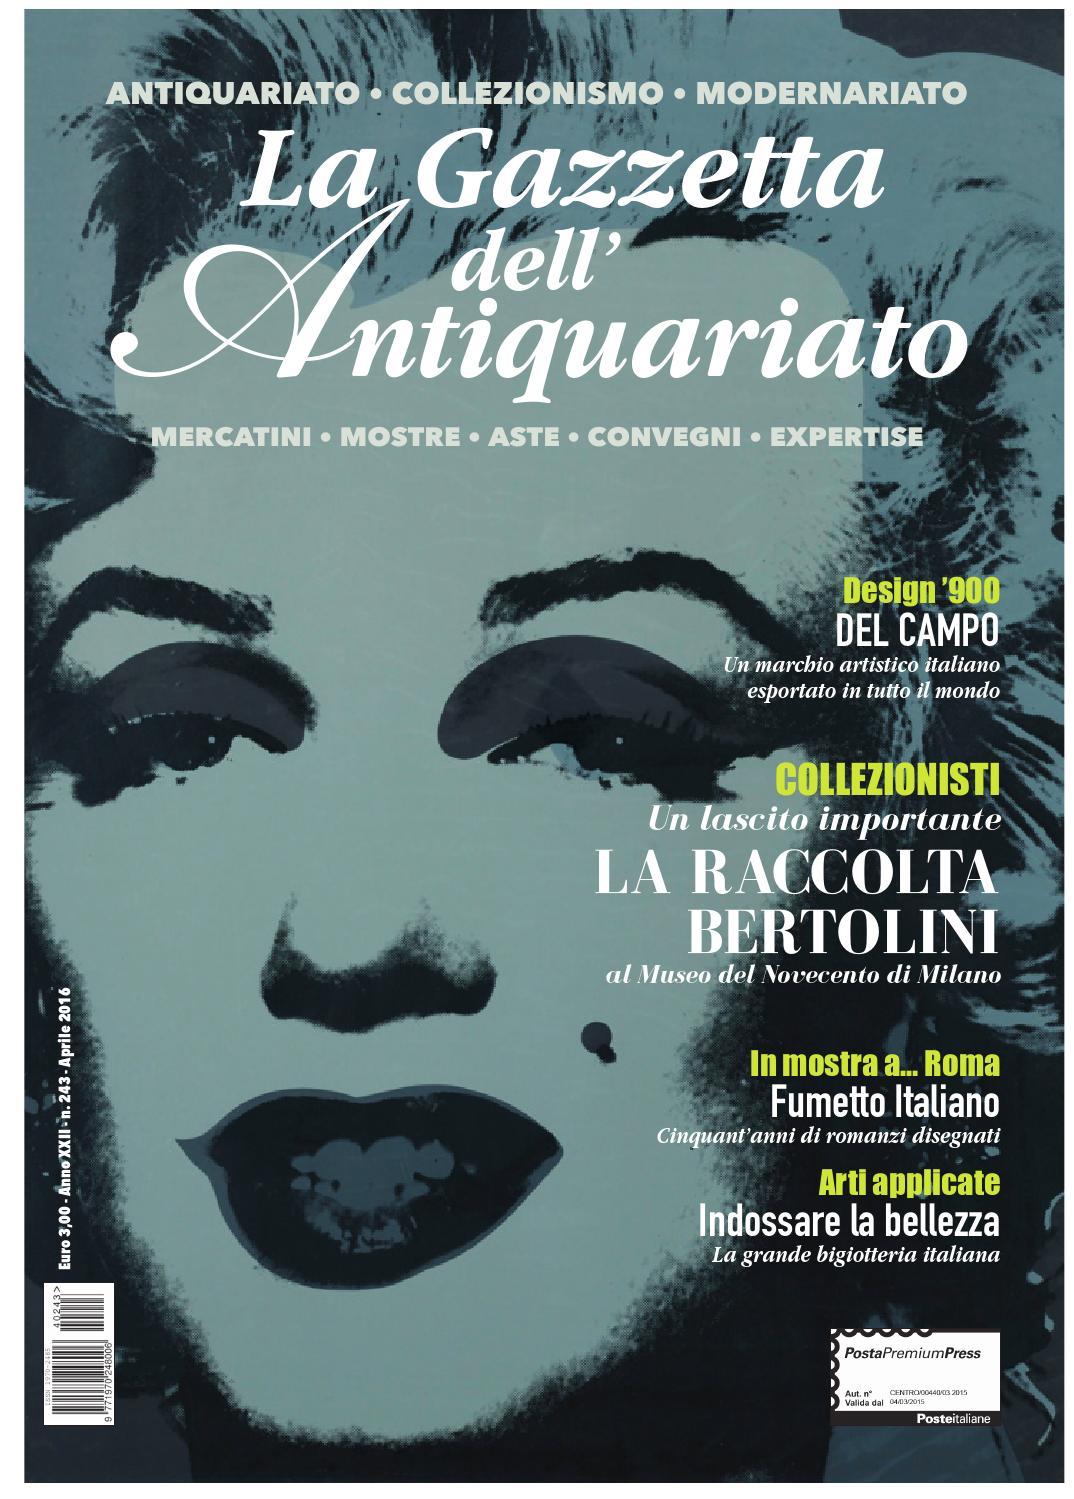 La Gazzetta dell'Antiquariato n. 243 Aprile 2016 by La